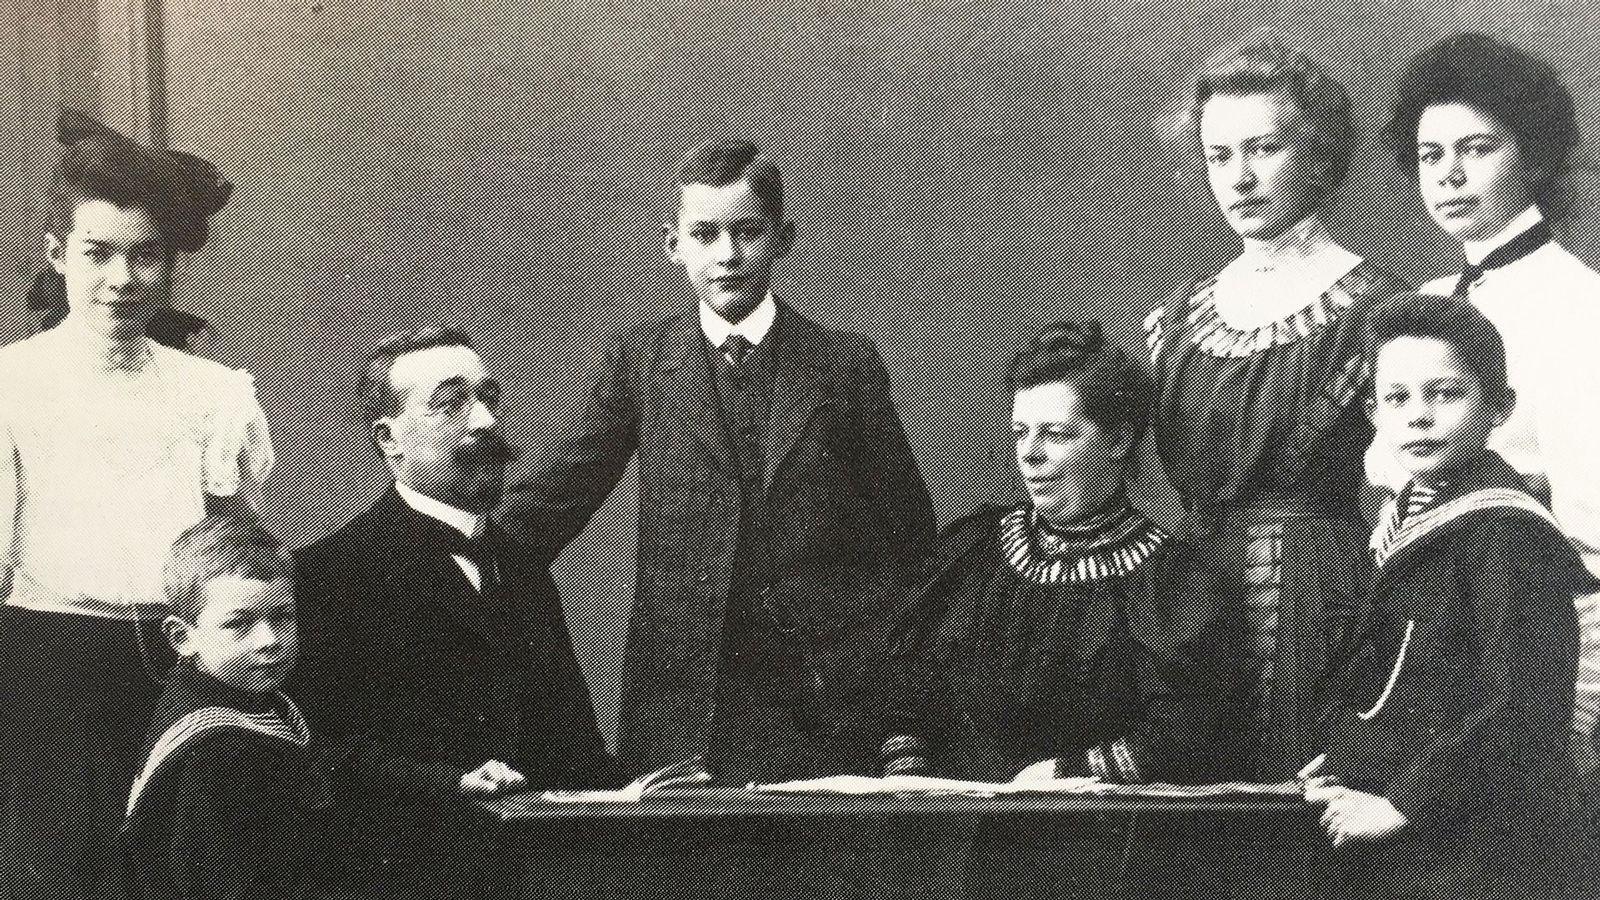 19th century